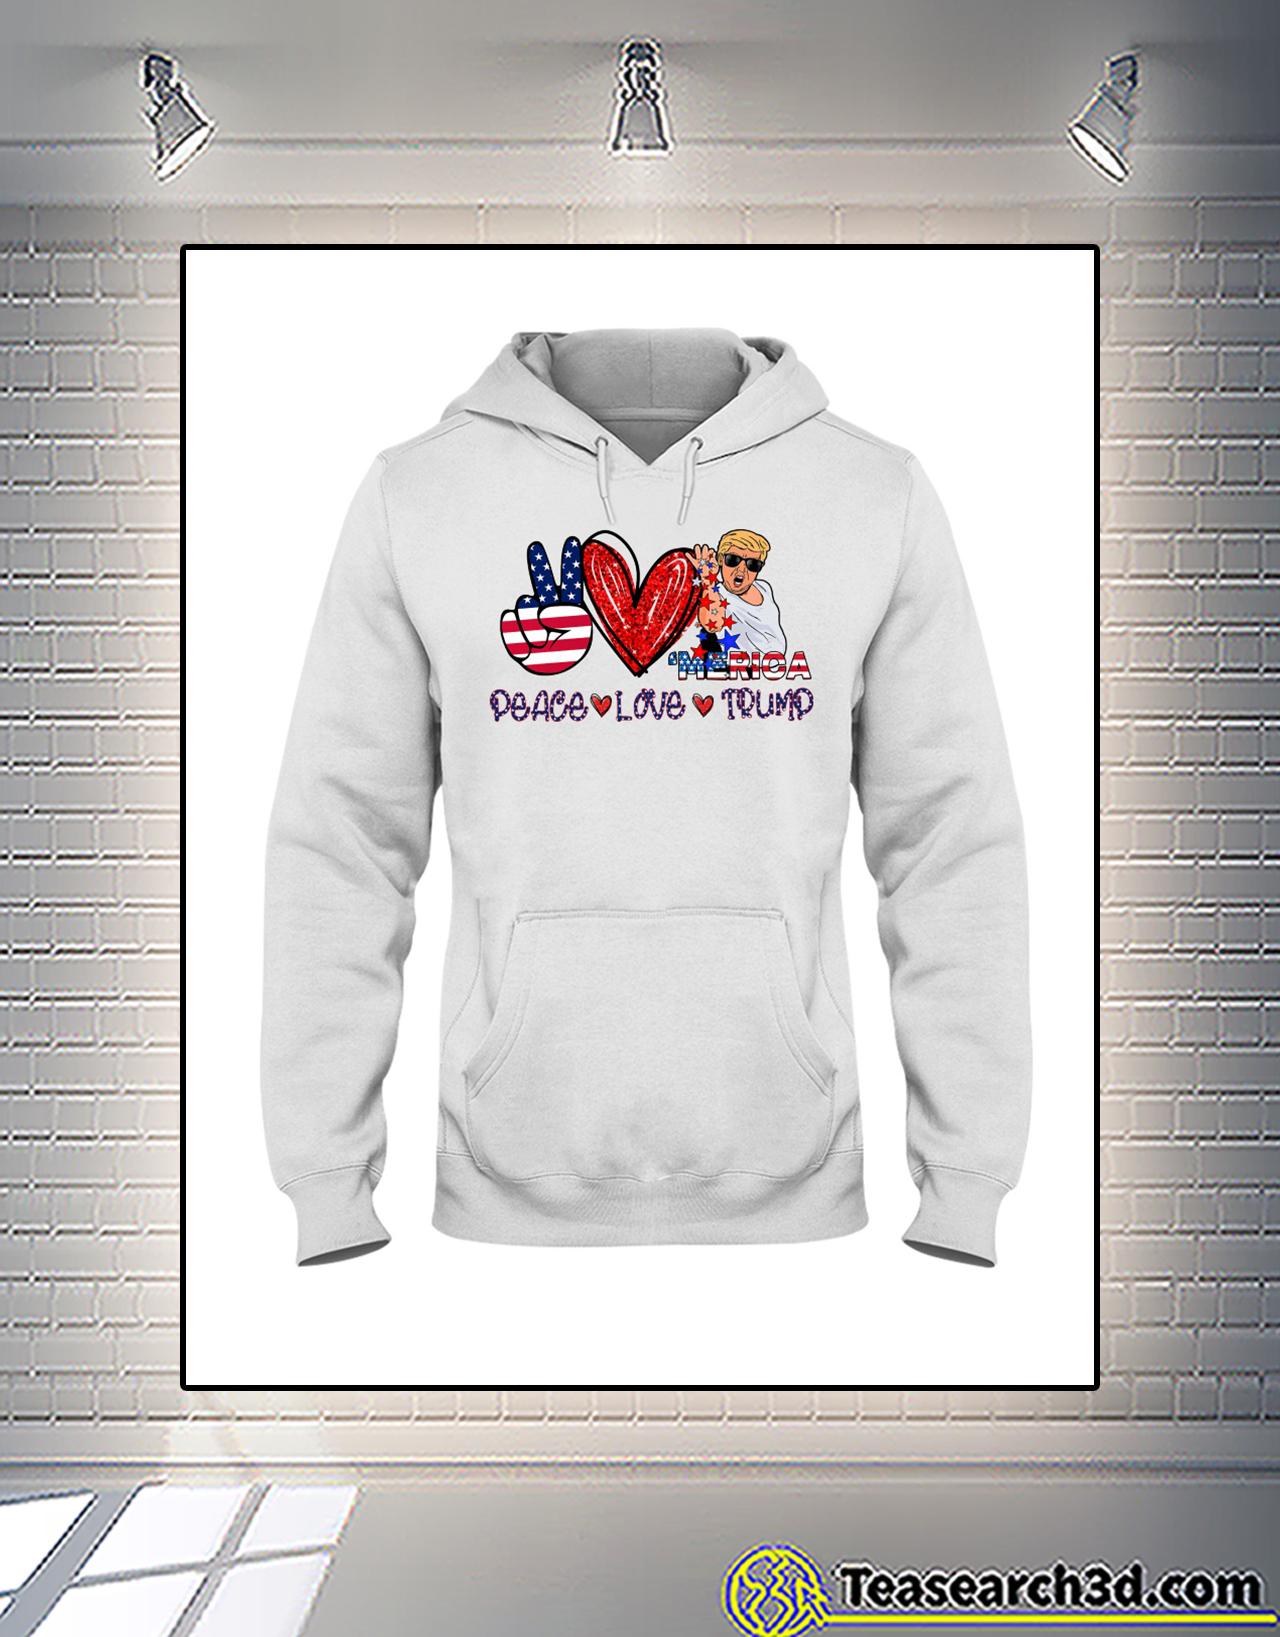 Trump Salt bae merica peace love trump hoodie